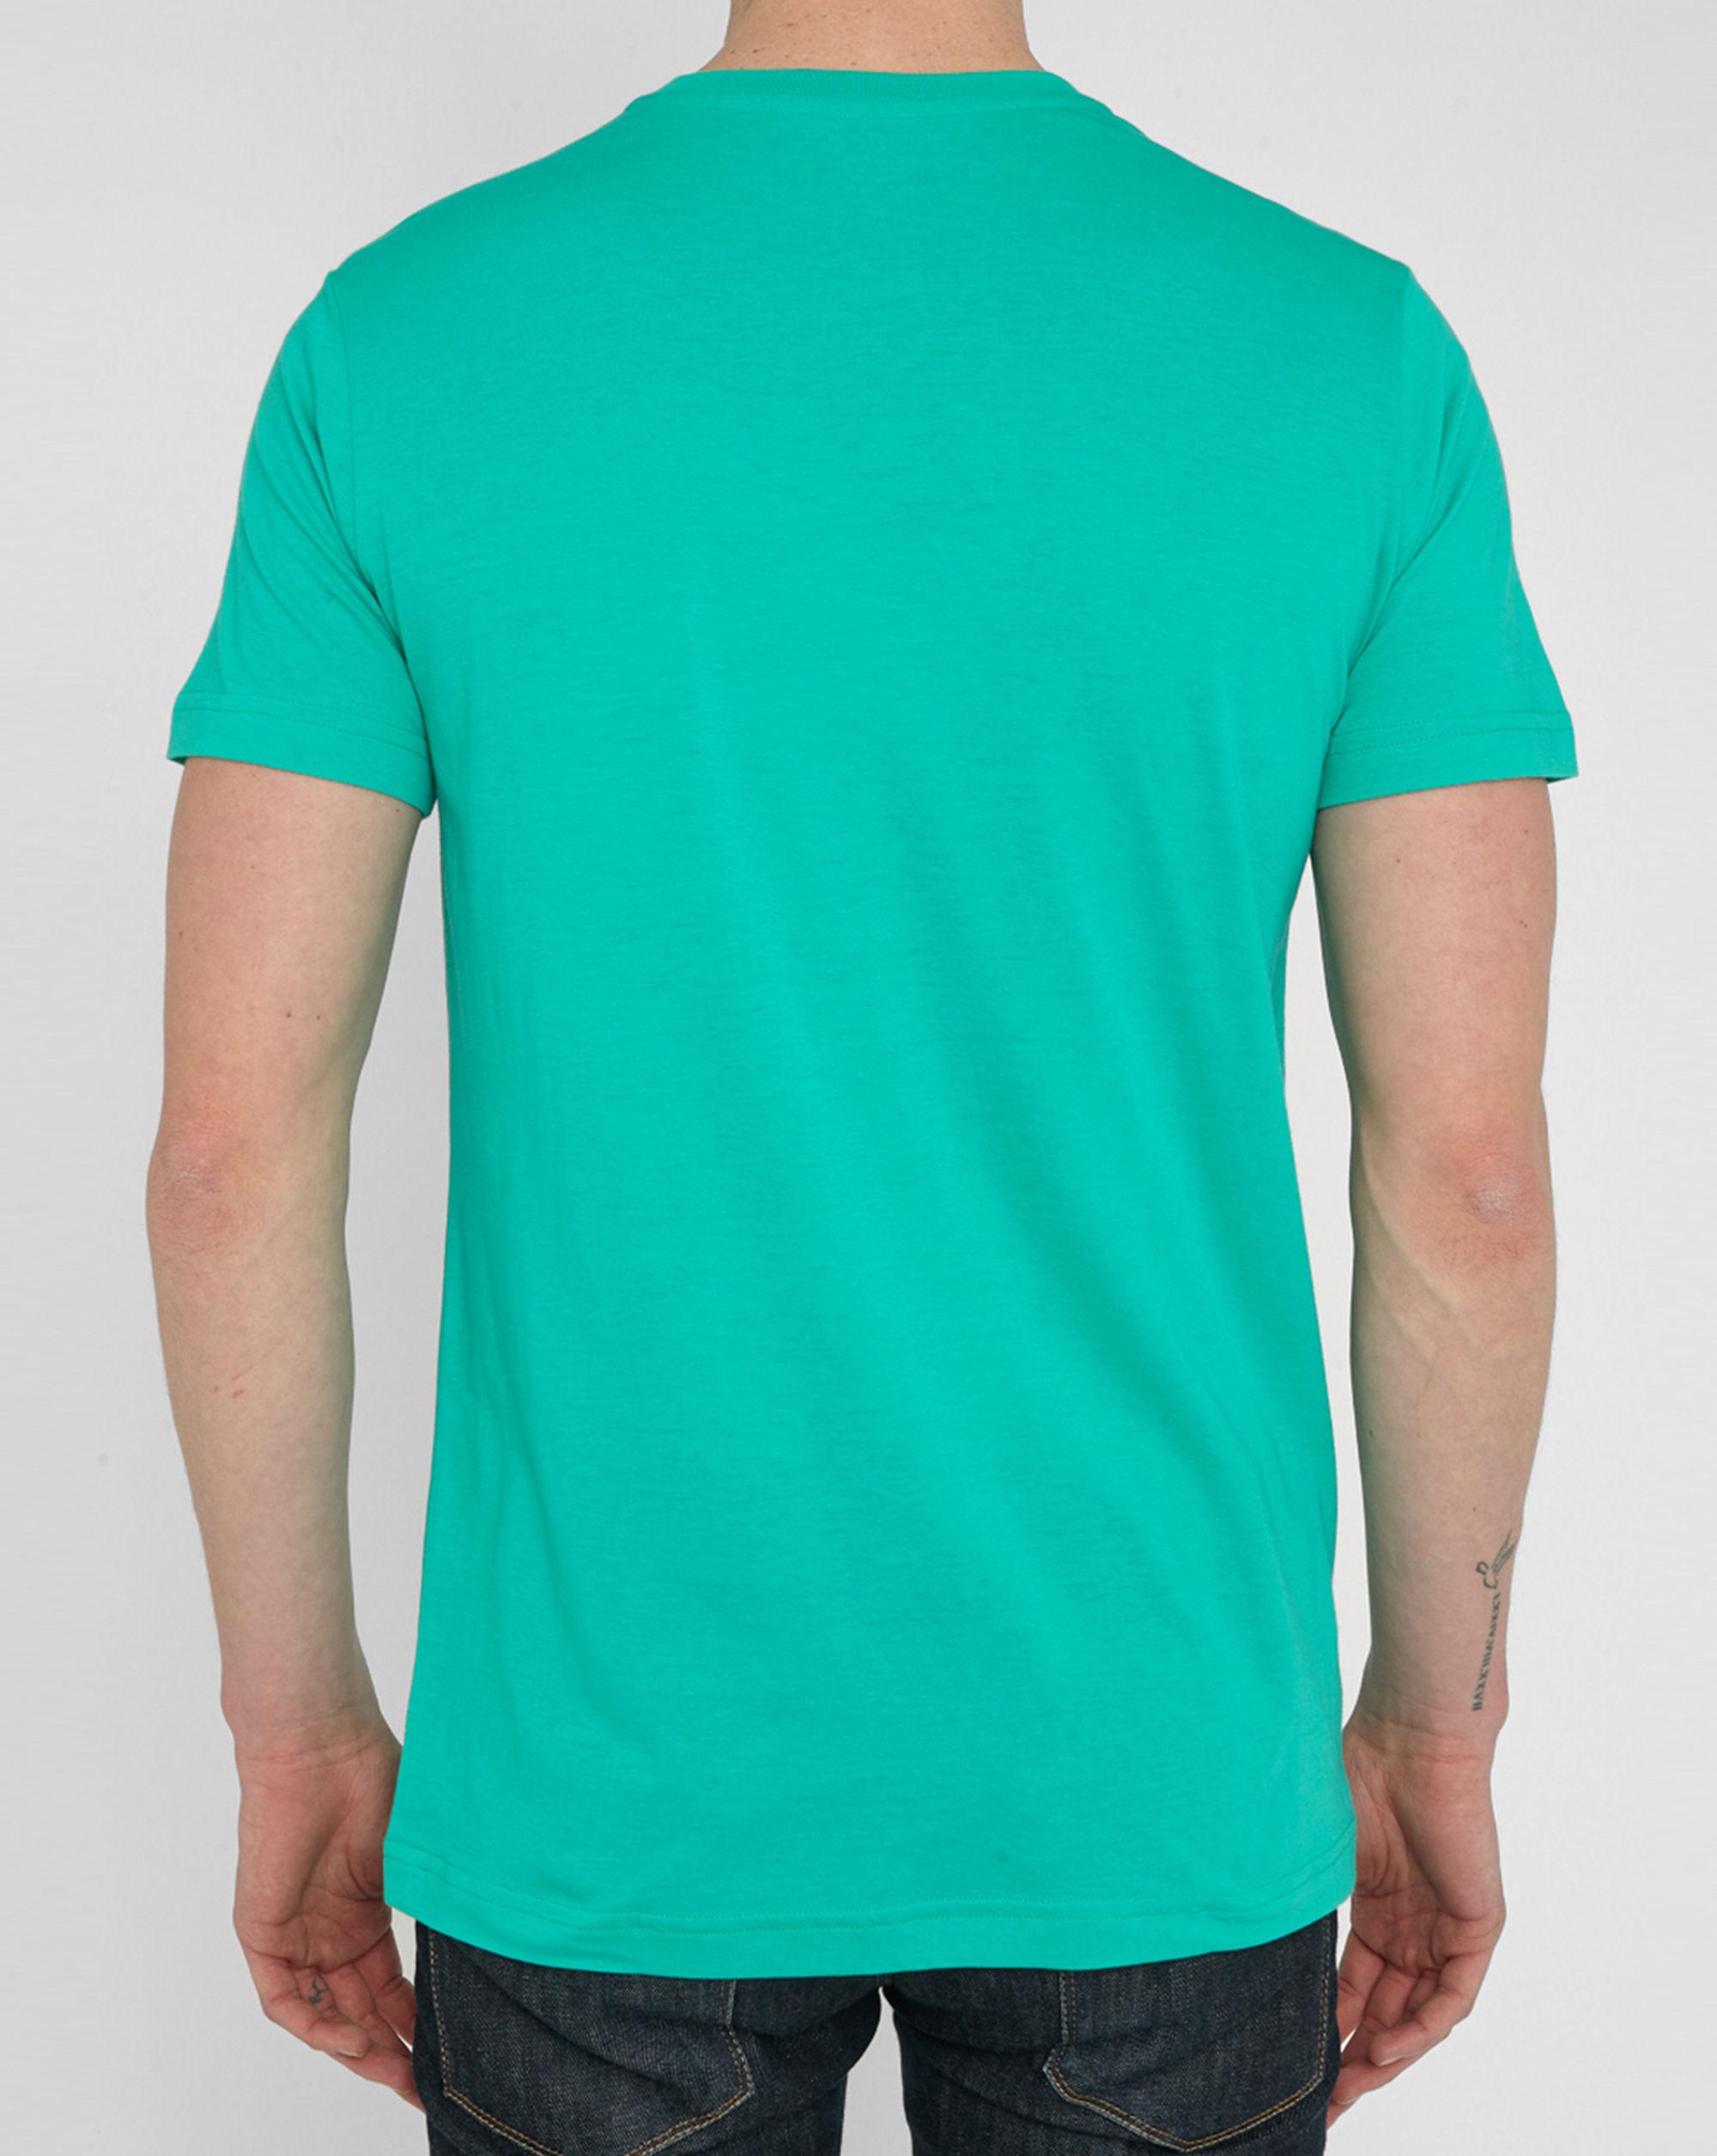 Lacoste aqua classic logo v neck t shirt in green for men for Aqua blue color t shirt